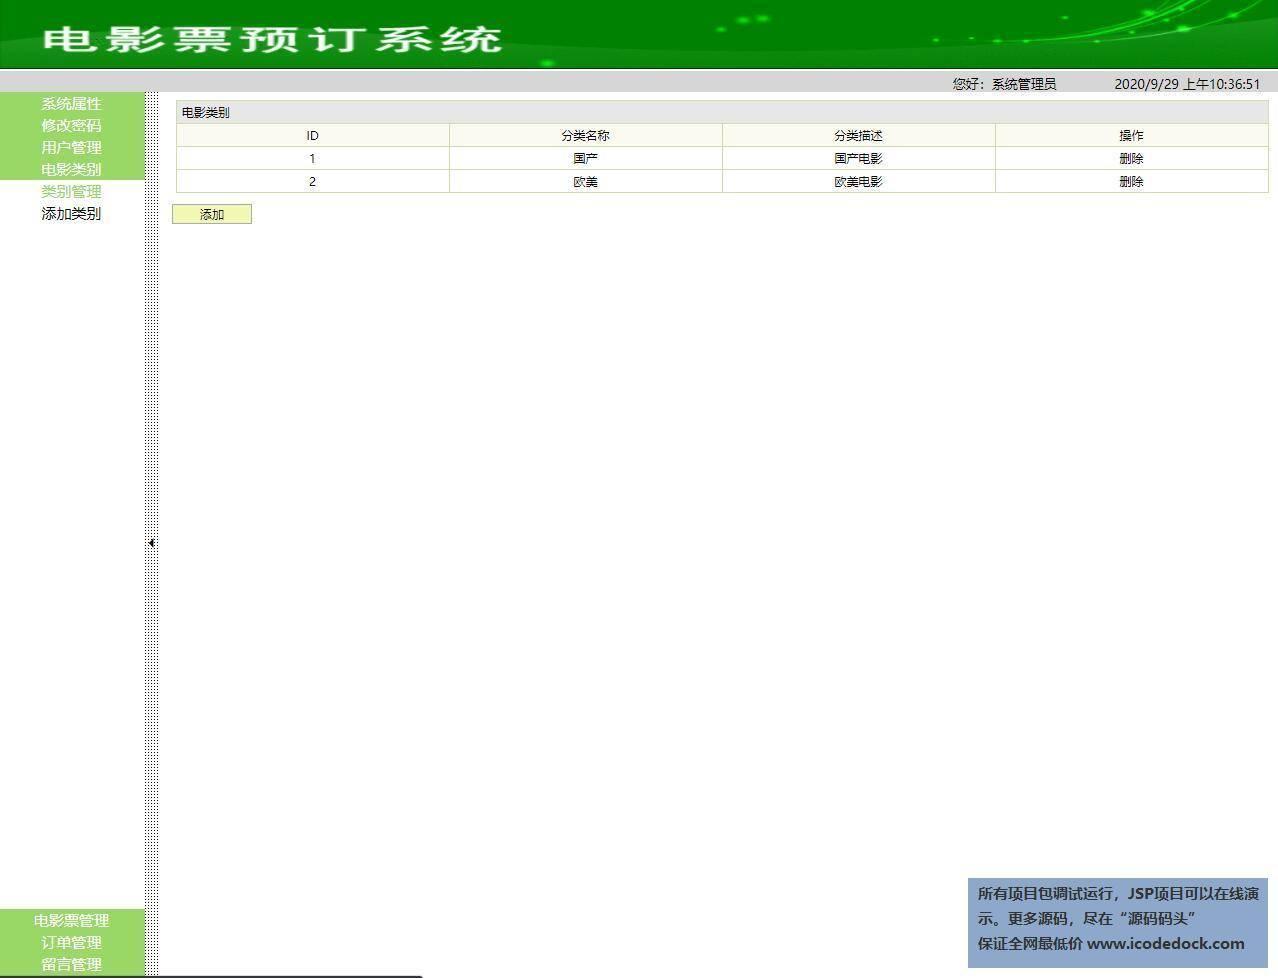 源码码头-SSH电影在线售票管理系统-管理员角色-电影类别管理